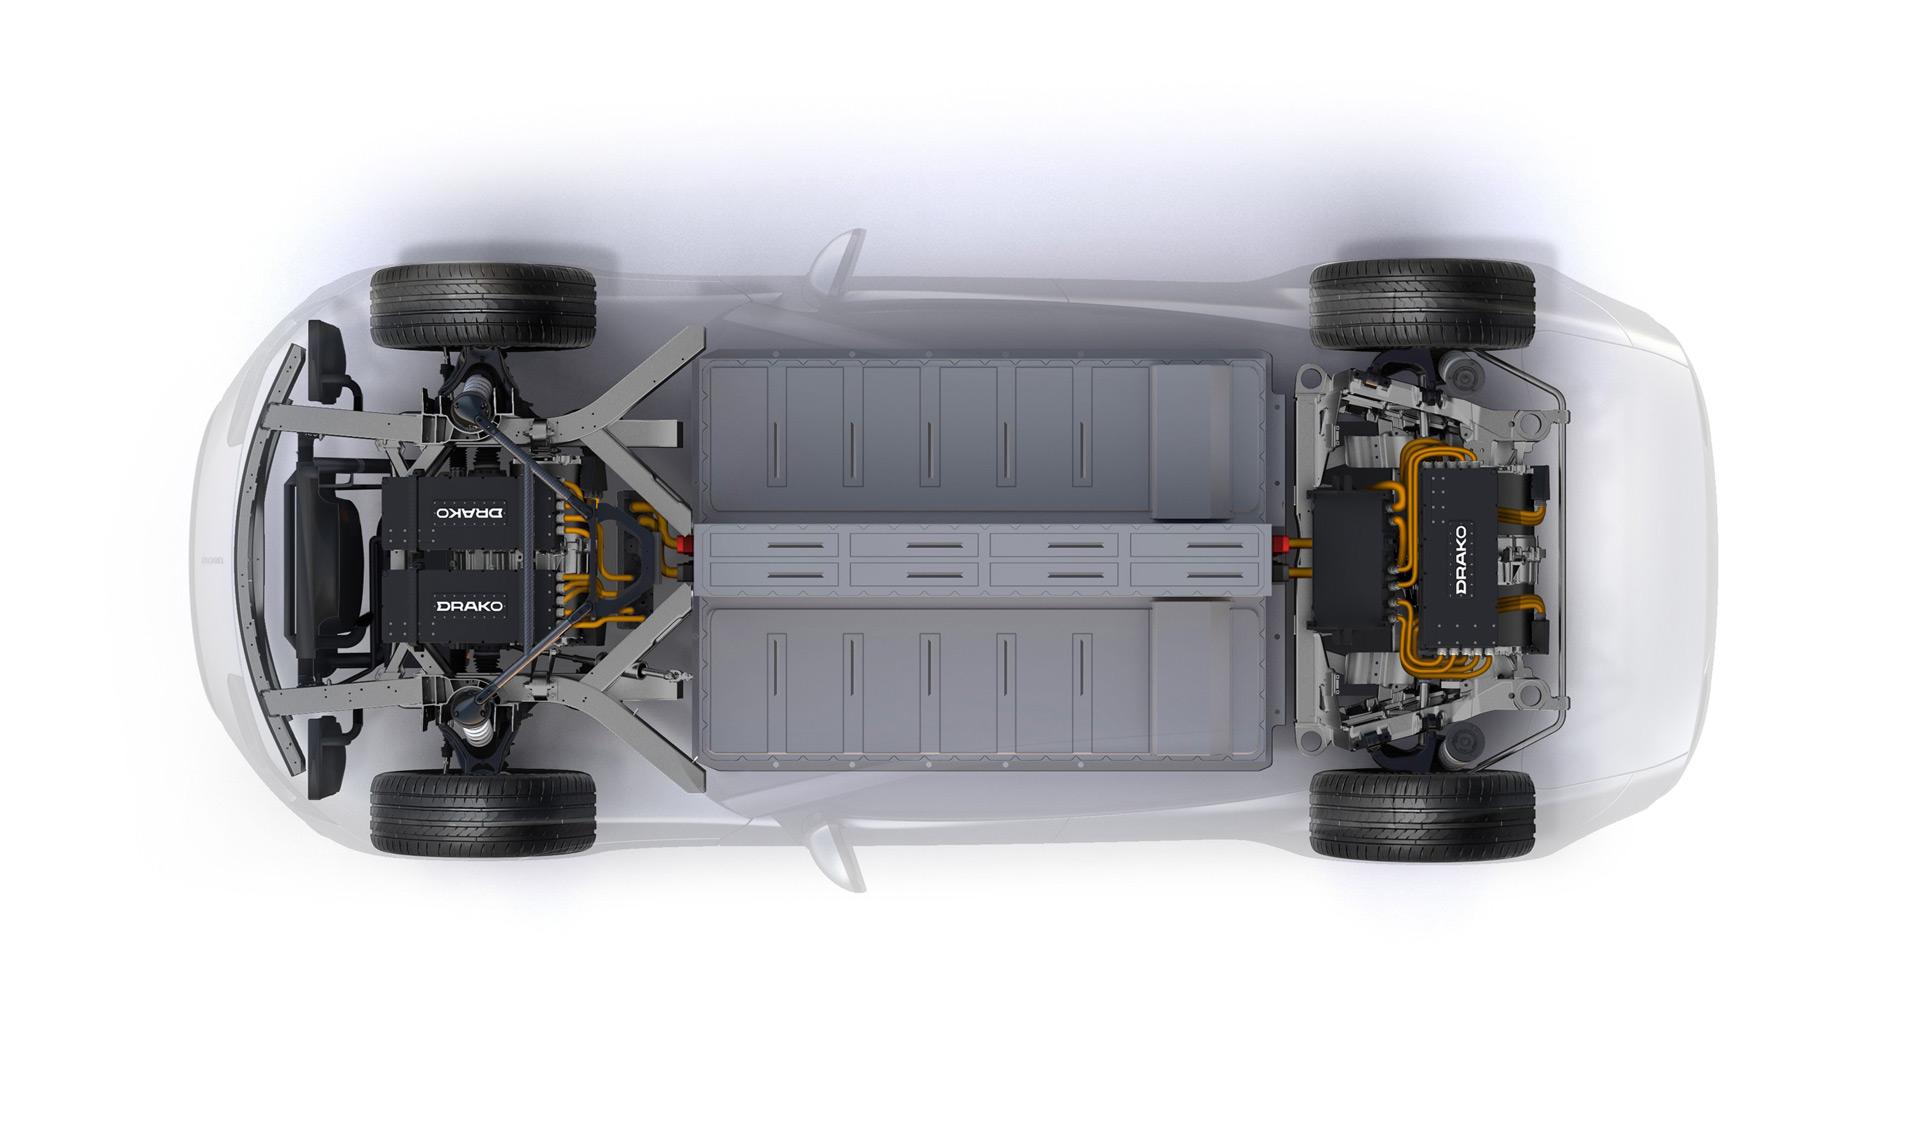 硅谷电动极跑Drako GTE终露真容,性能疯狂,售价更疯狂